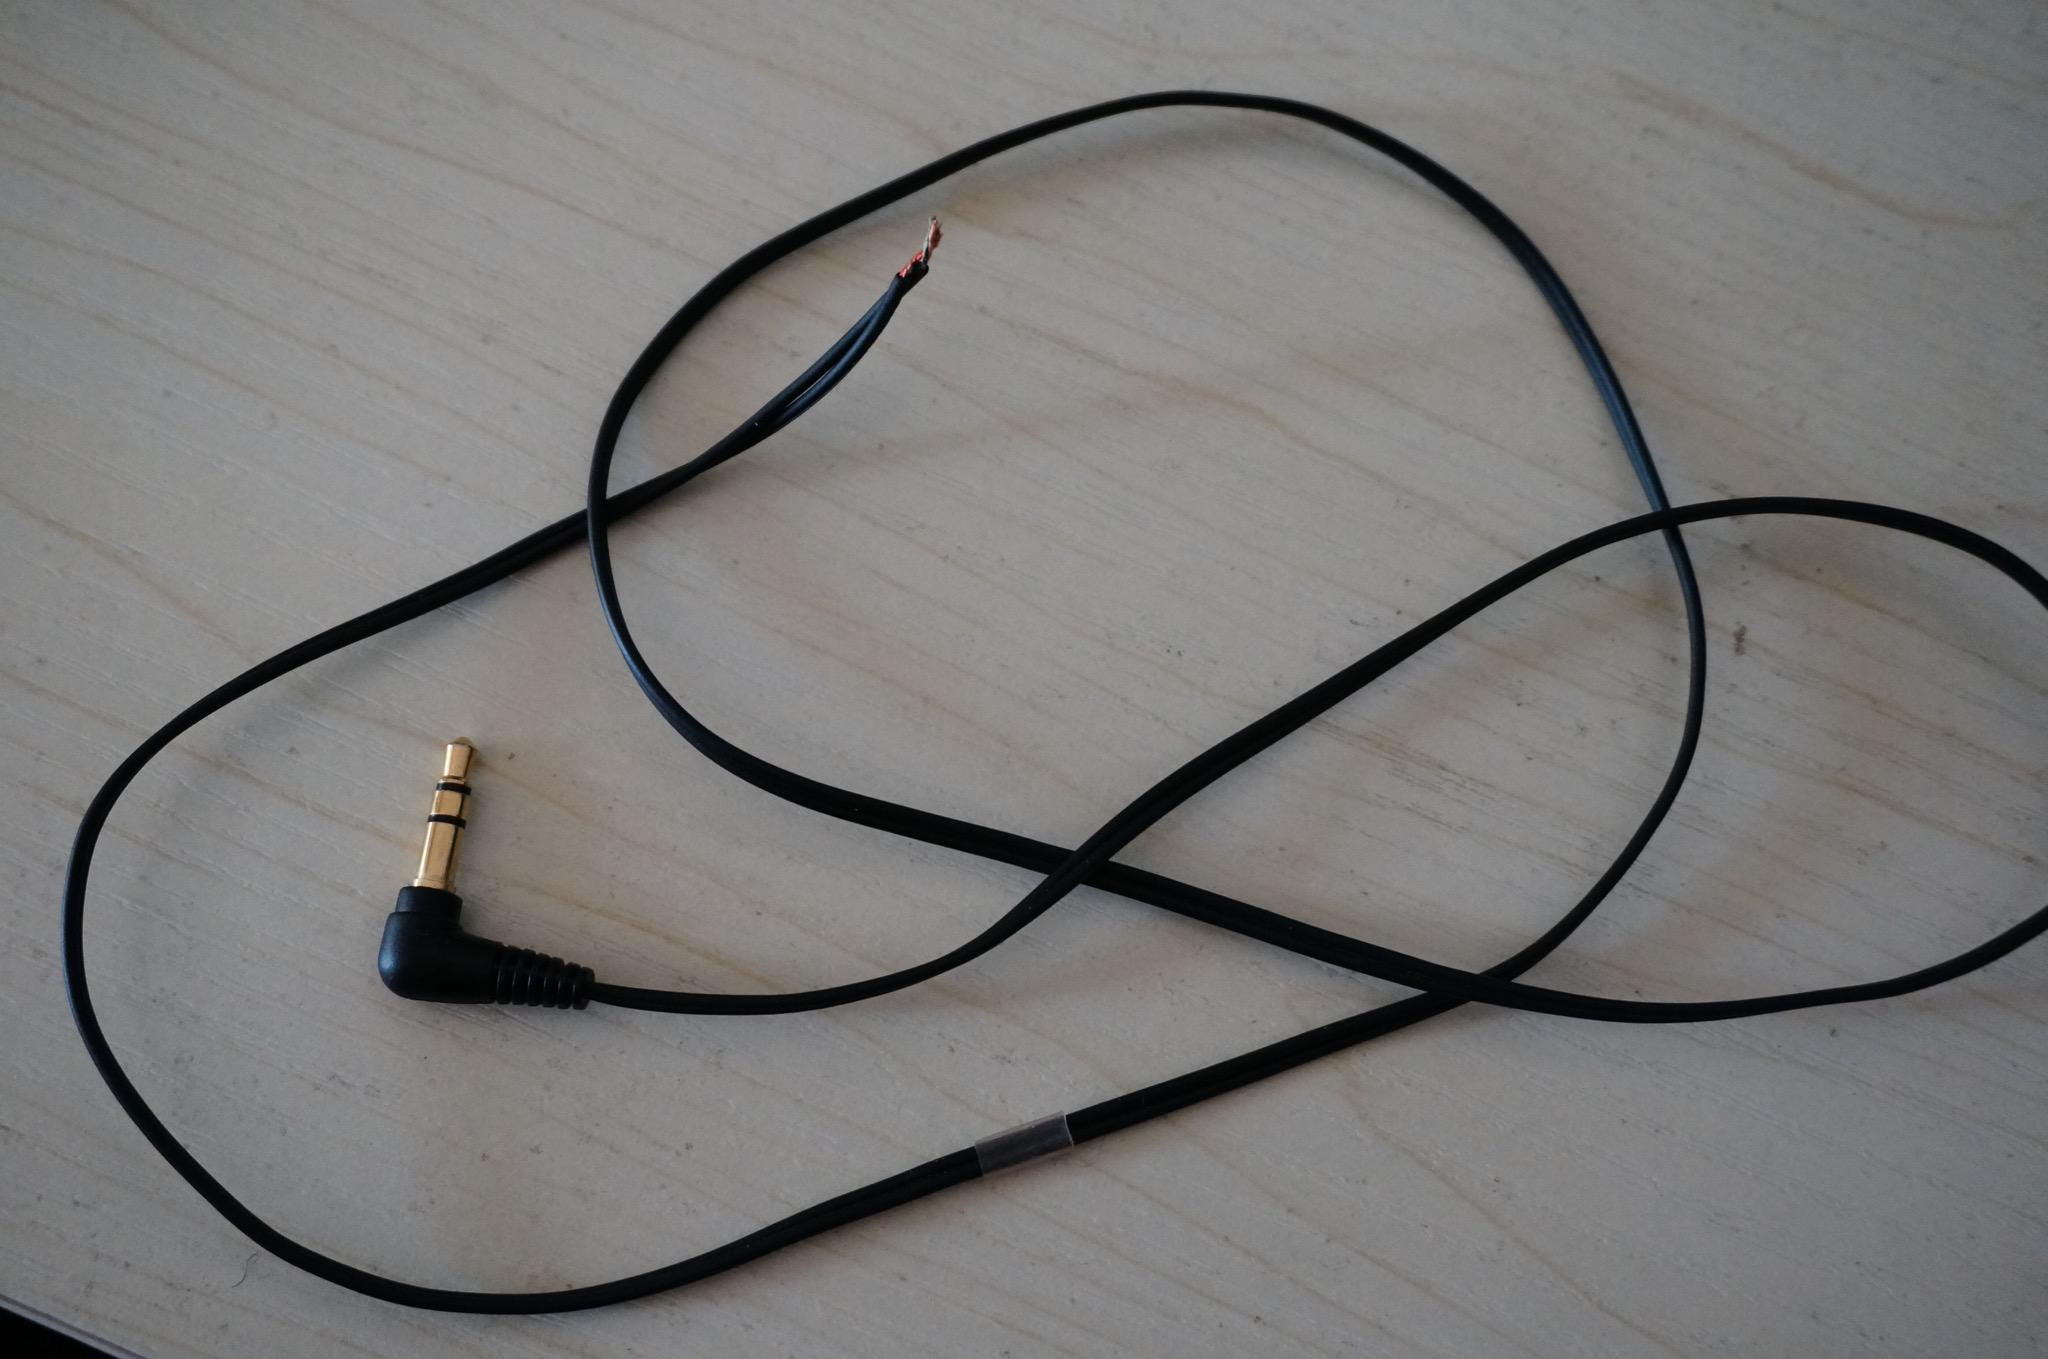 摘出两条线,作为新的耳机线